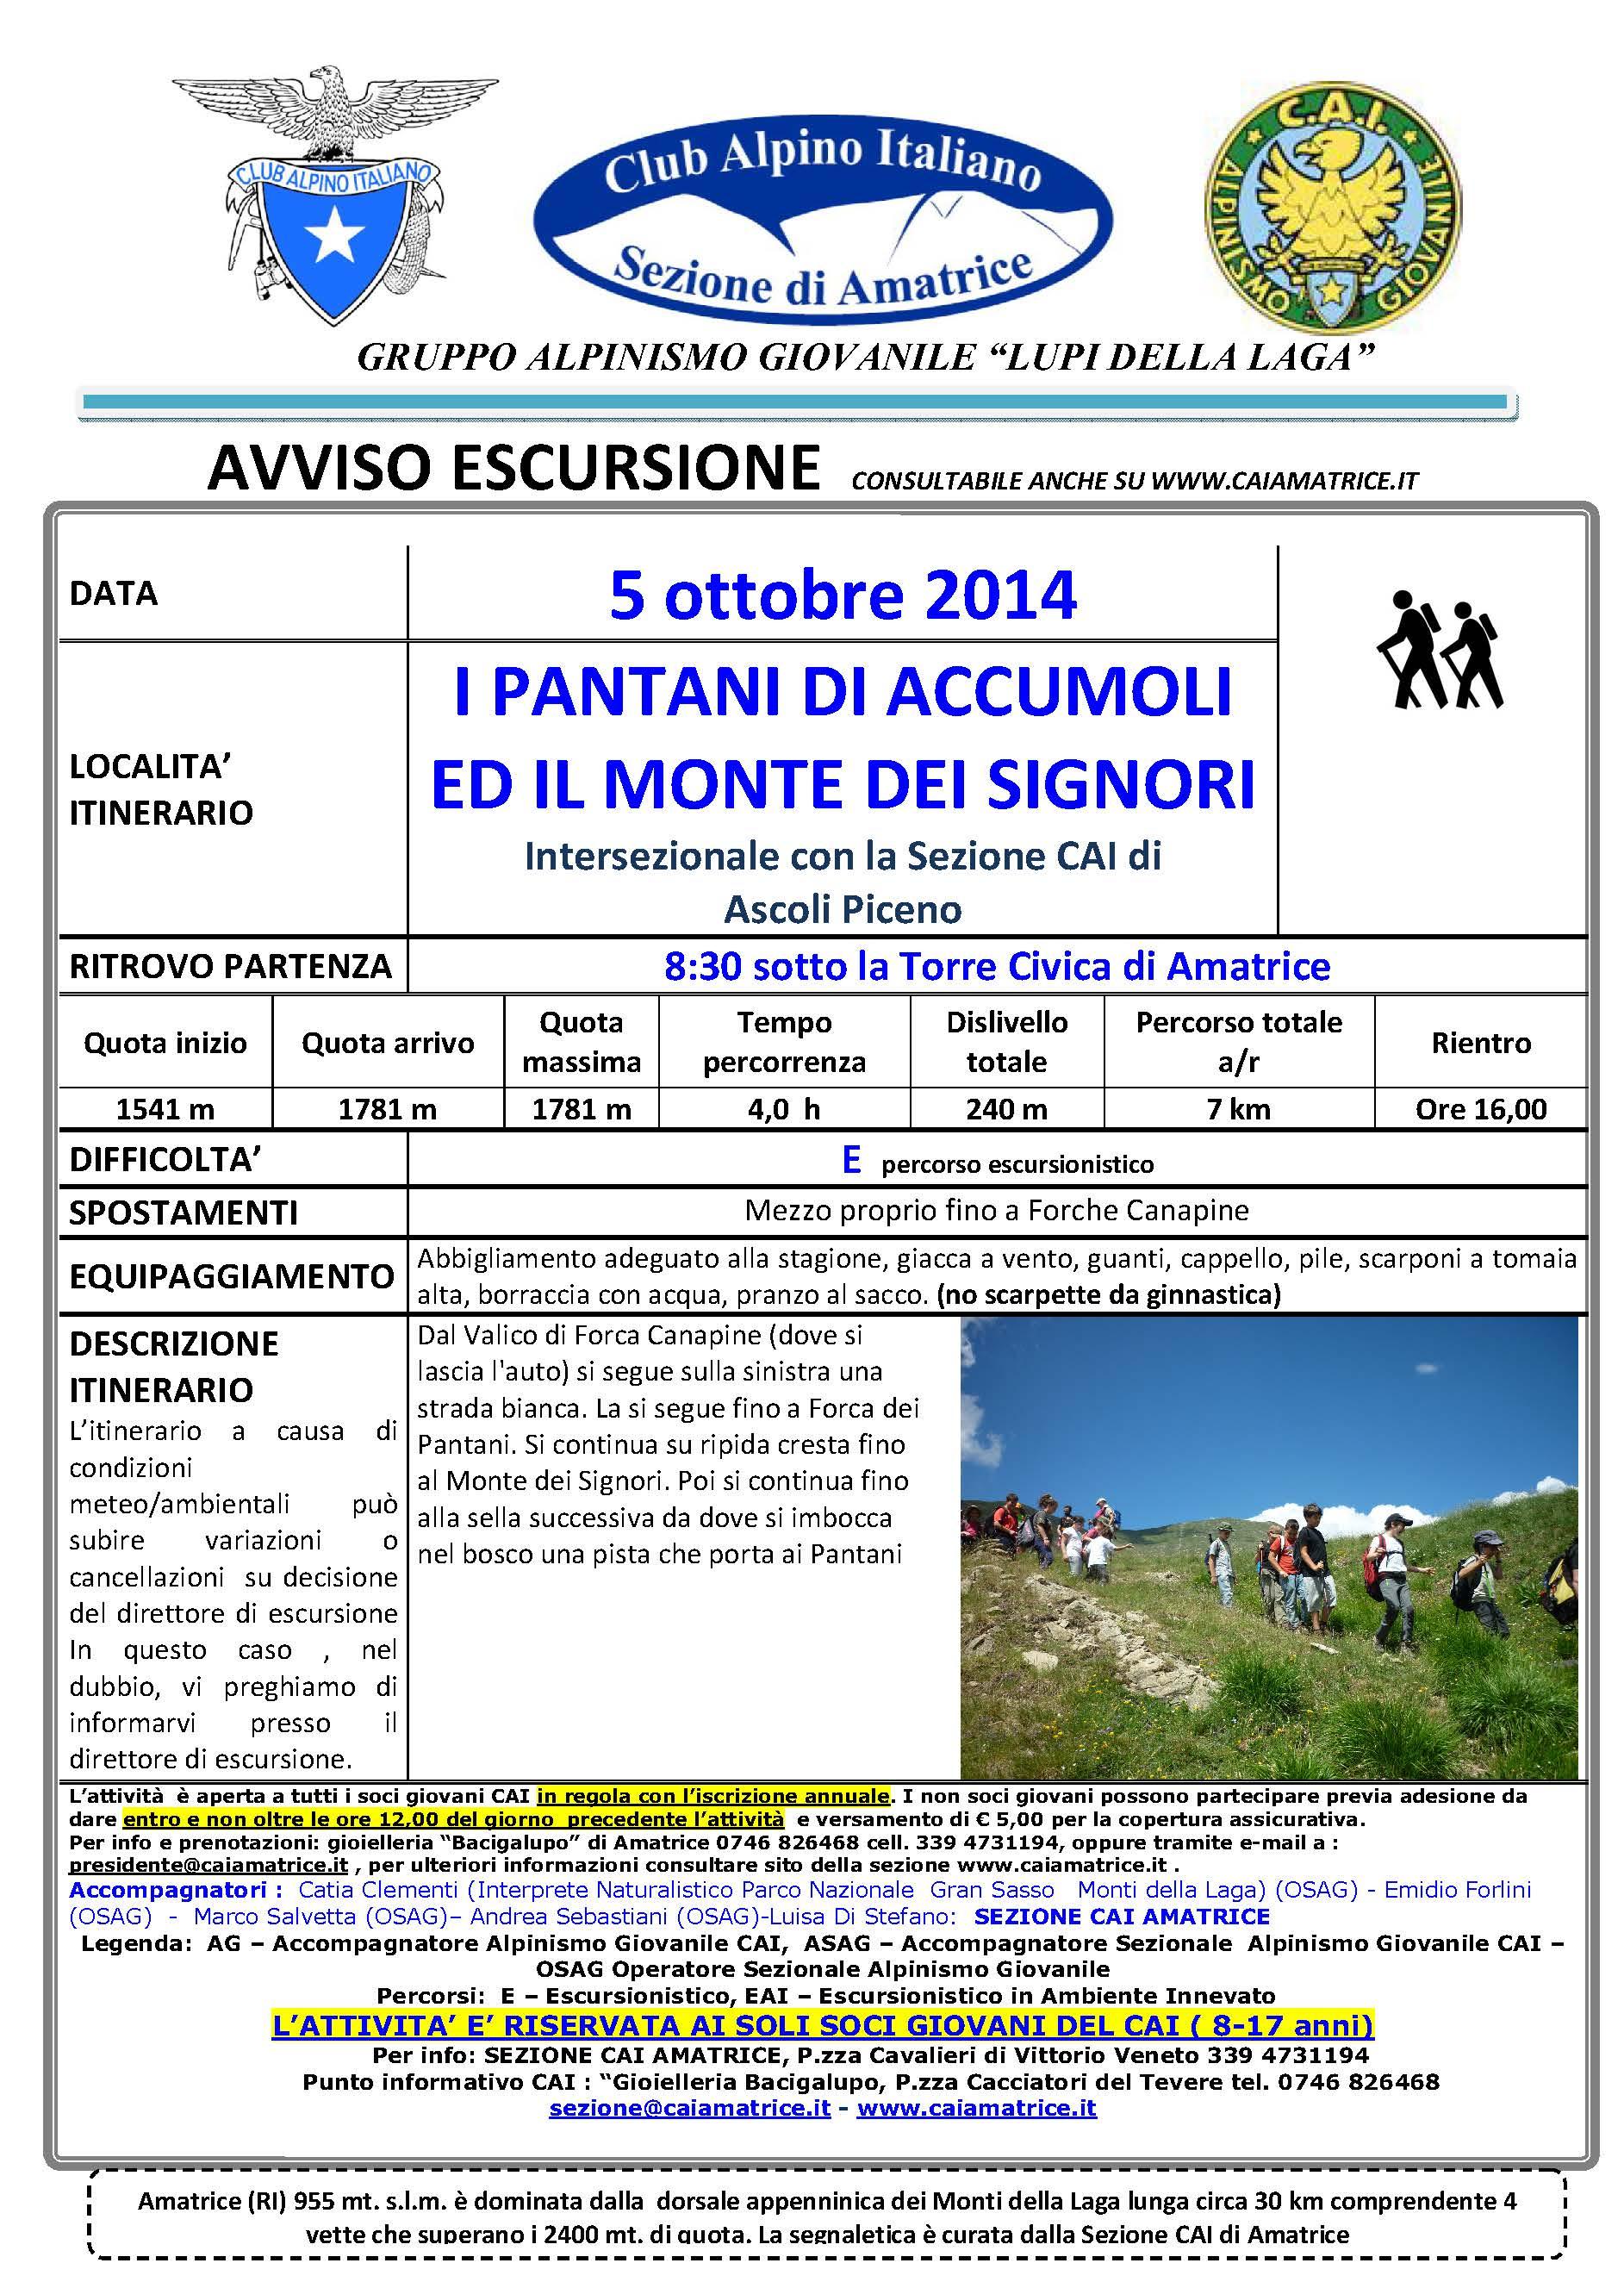 I-Pantani-di-Accumoli-e-Il-Monte-dei-Signori-_5-10-14_.jpg